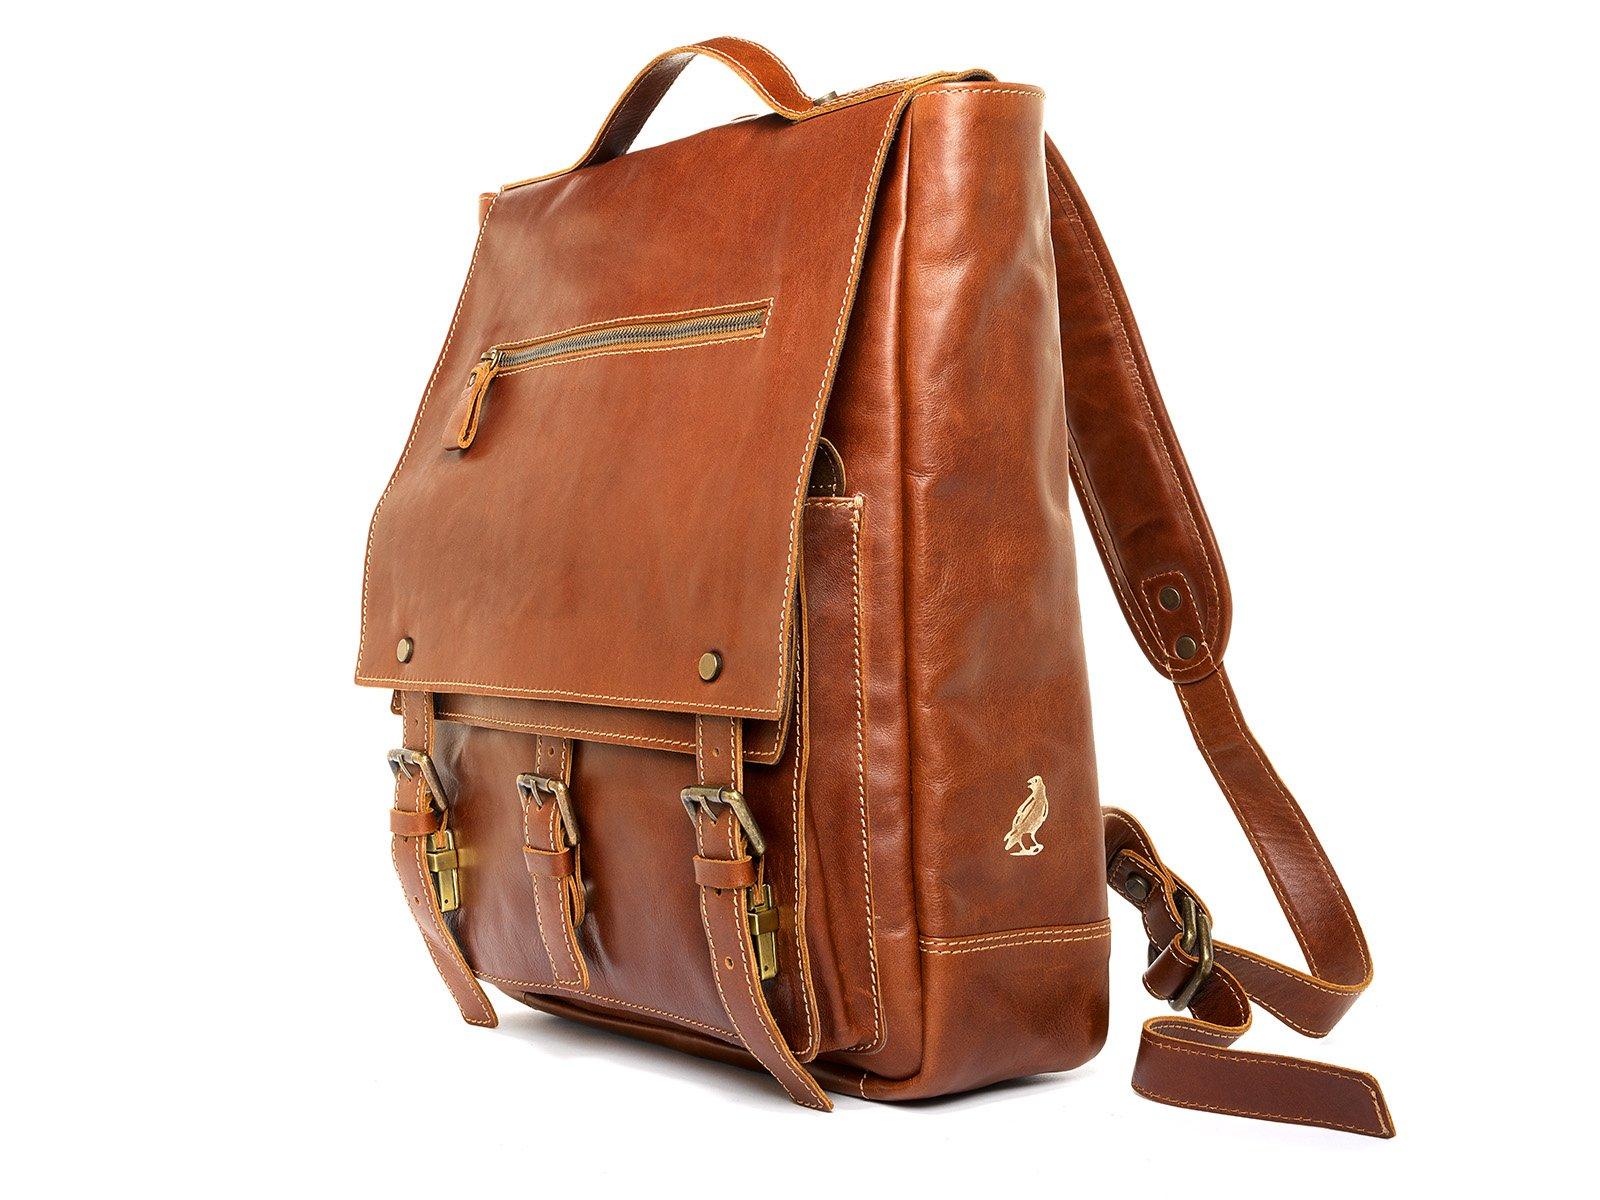 Handmade in Italy prime leather backpack men women travel